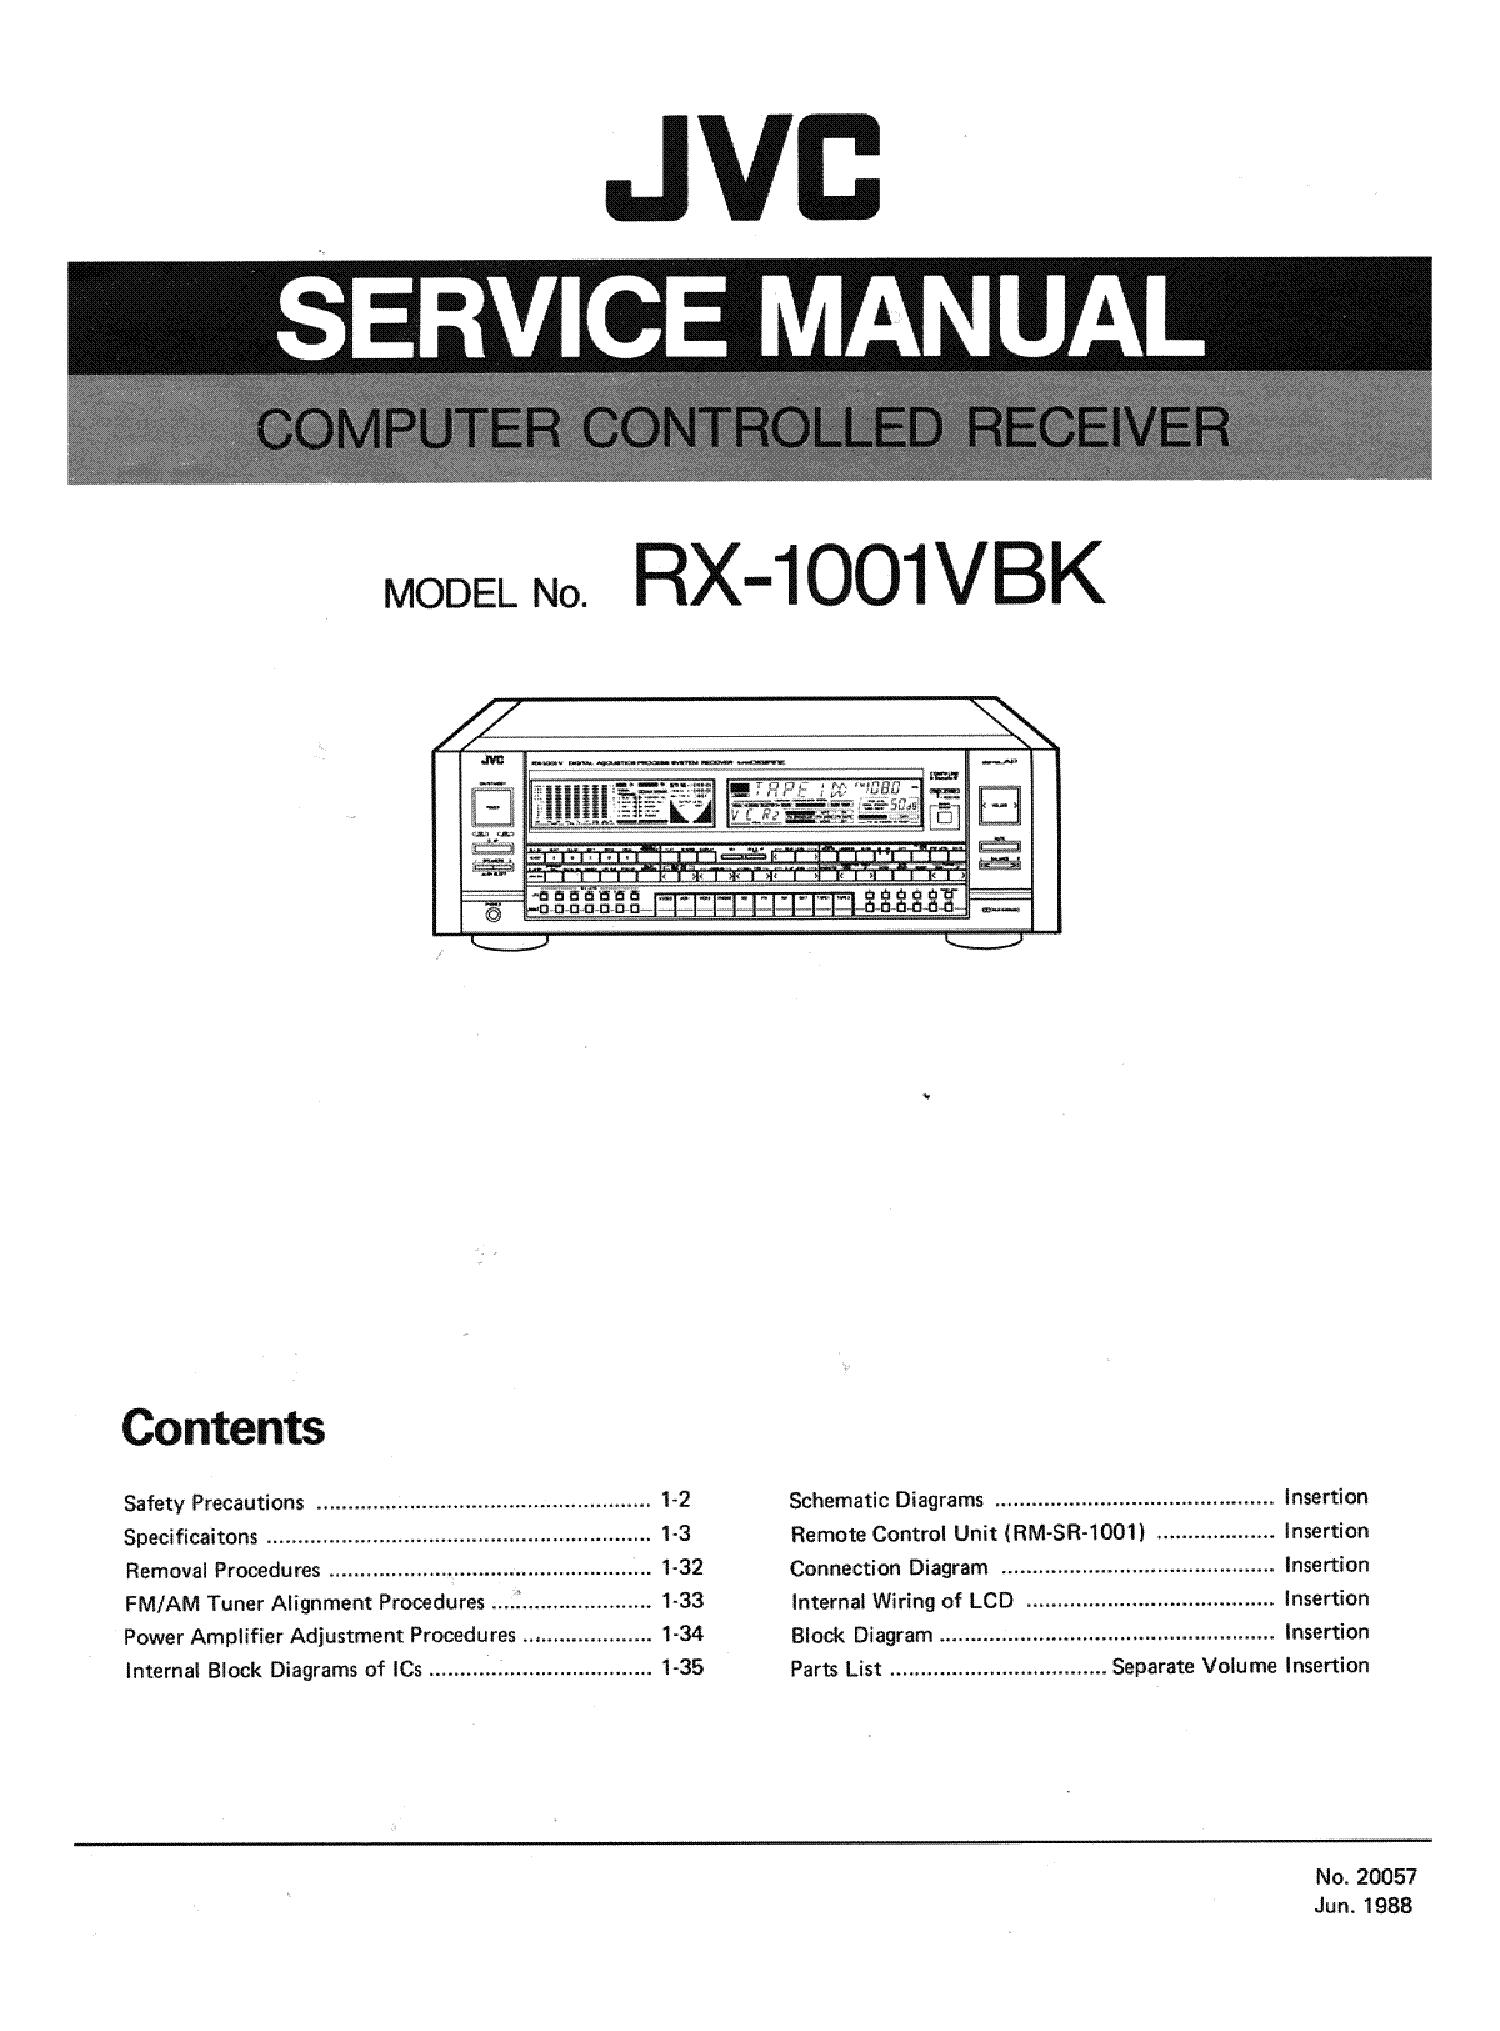 JVC RX-1001VBK SM service manual (1st page)